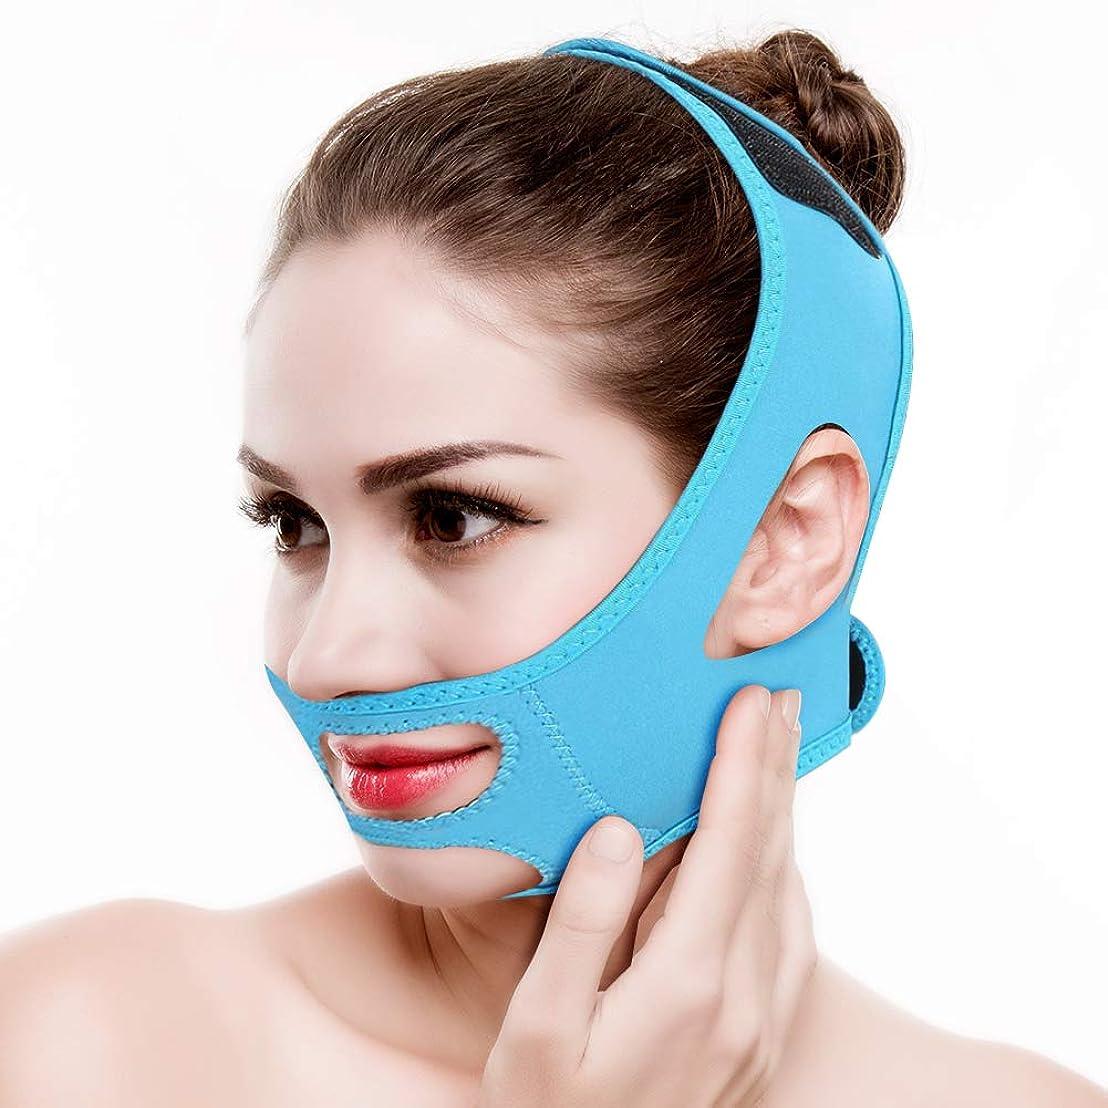 意図的初期前置詞フェイスリフティングベルト,顔の痩身包帯フェイシャルスリミング包帯ベルトマスクフェイスリフトダブルチンスキンストラップフェイススリミング包帯小 顔 美顔 矯正、顎リフト フェイススリミングマスク (Blue)